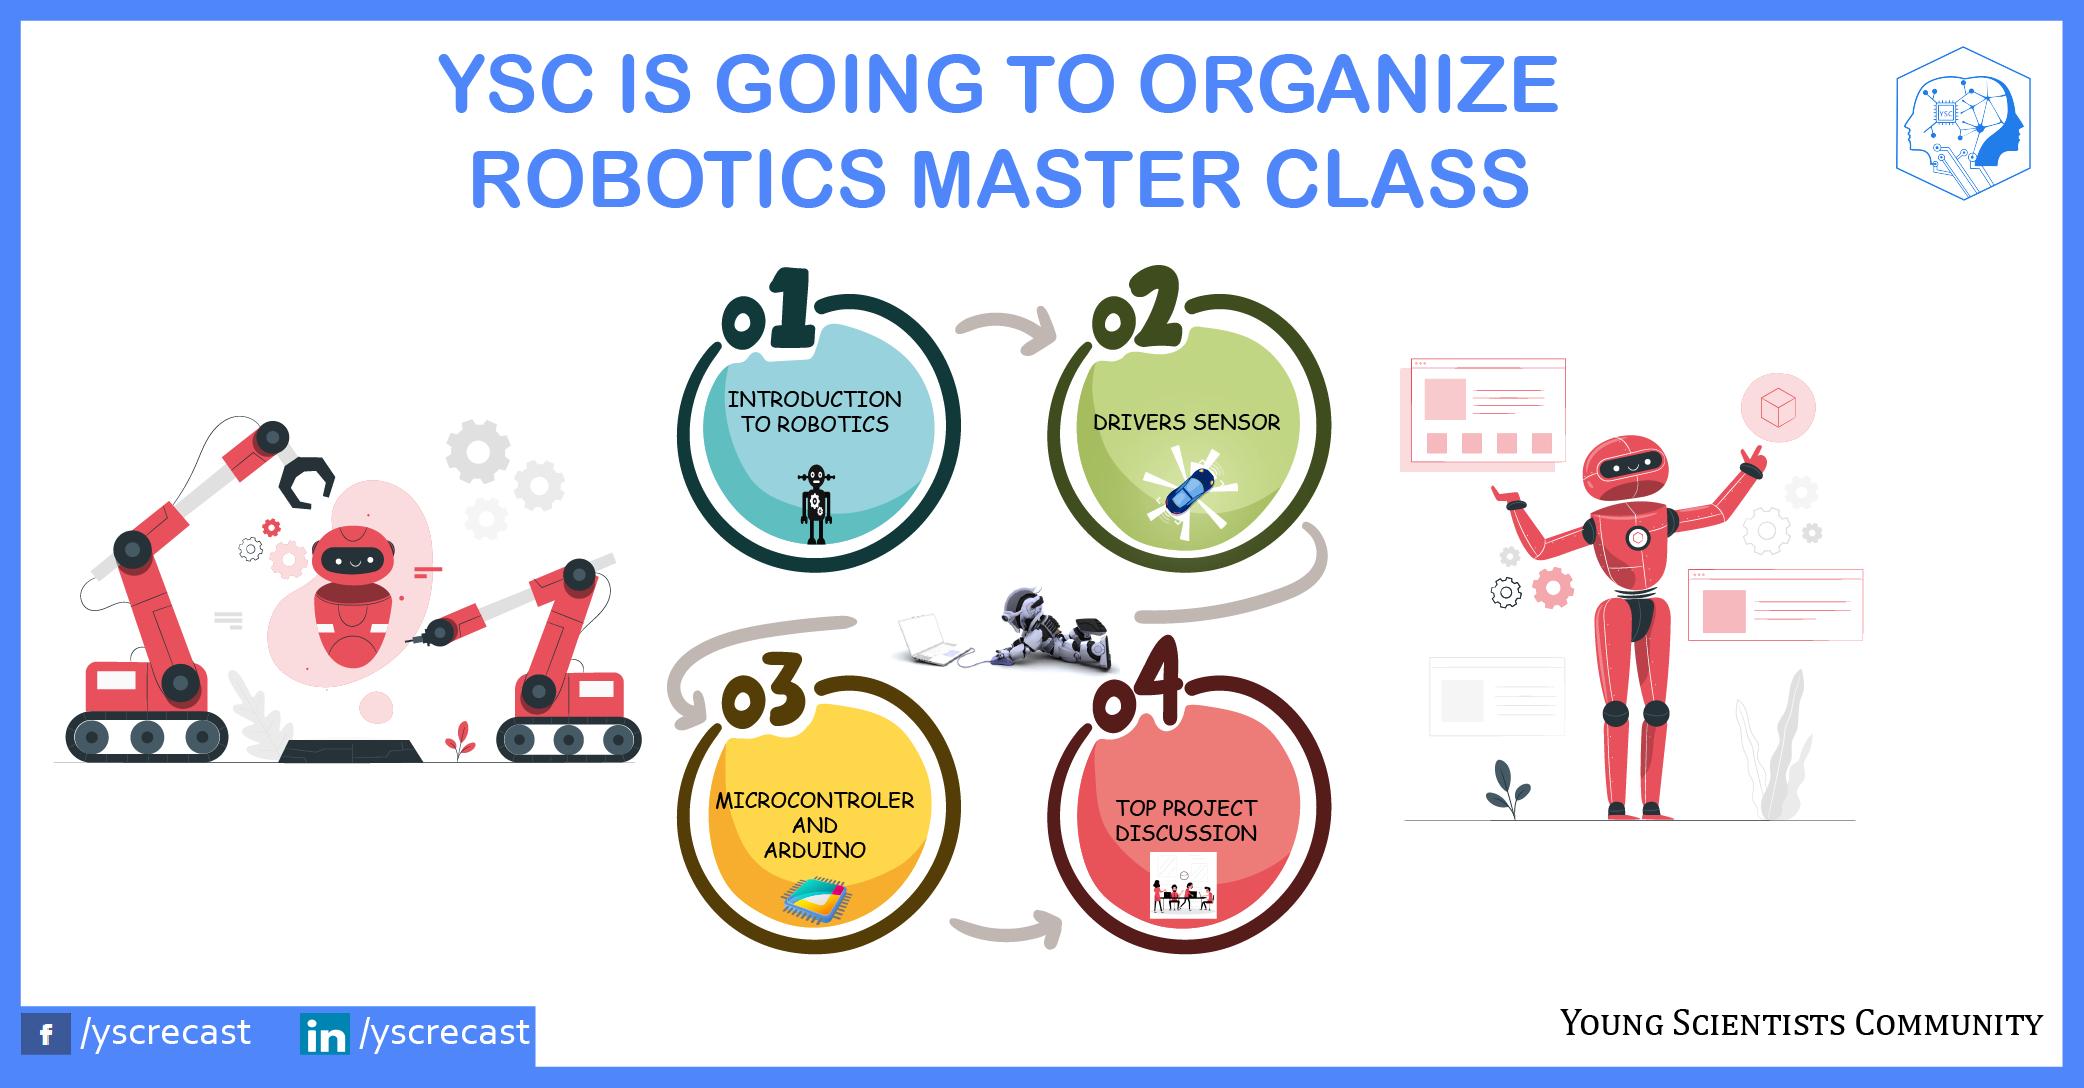 Master Class in Robotics